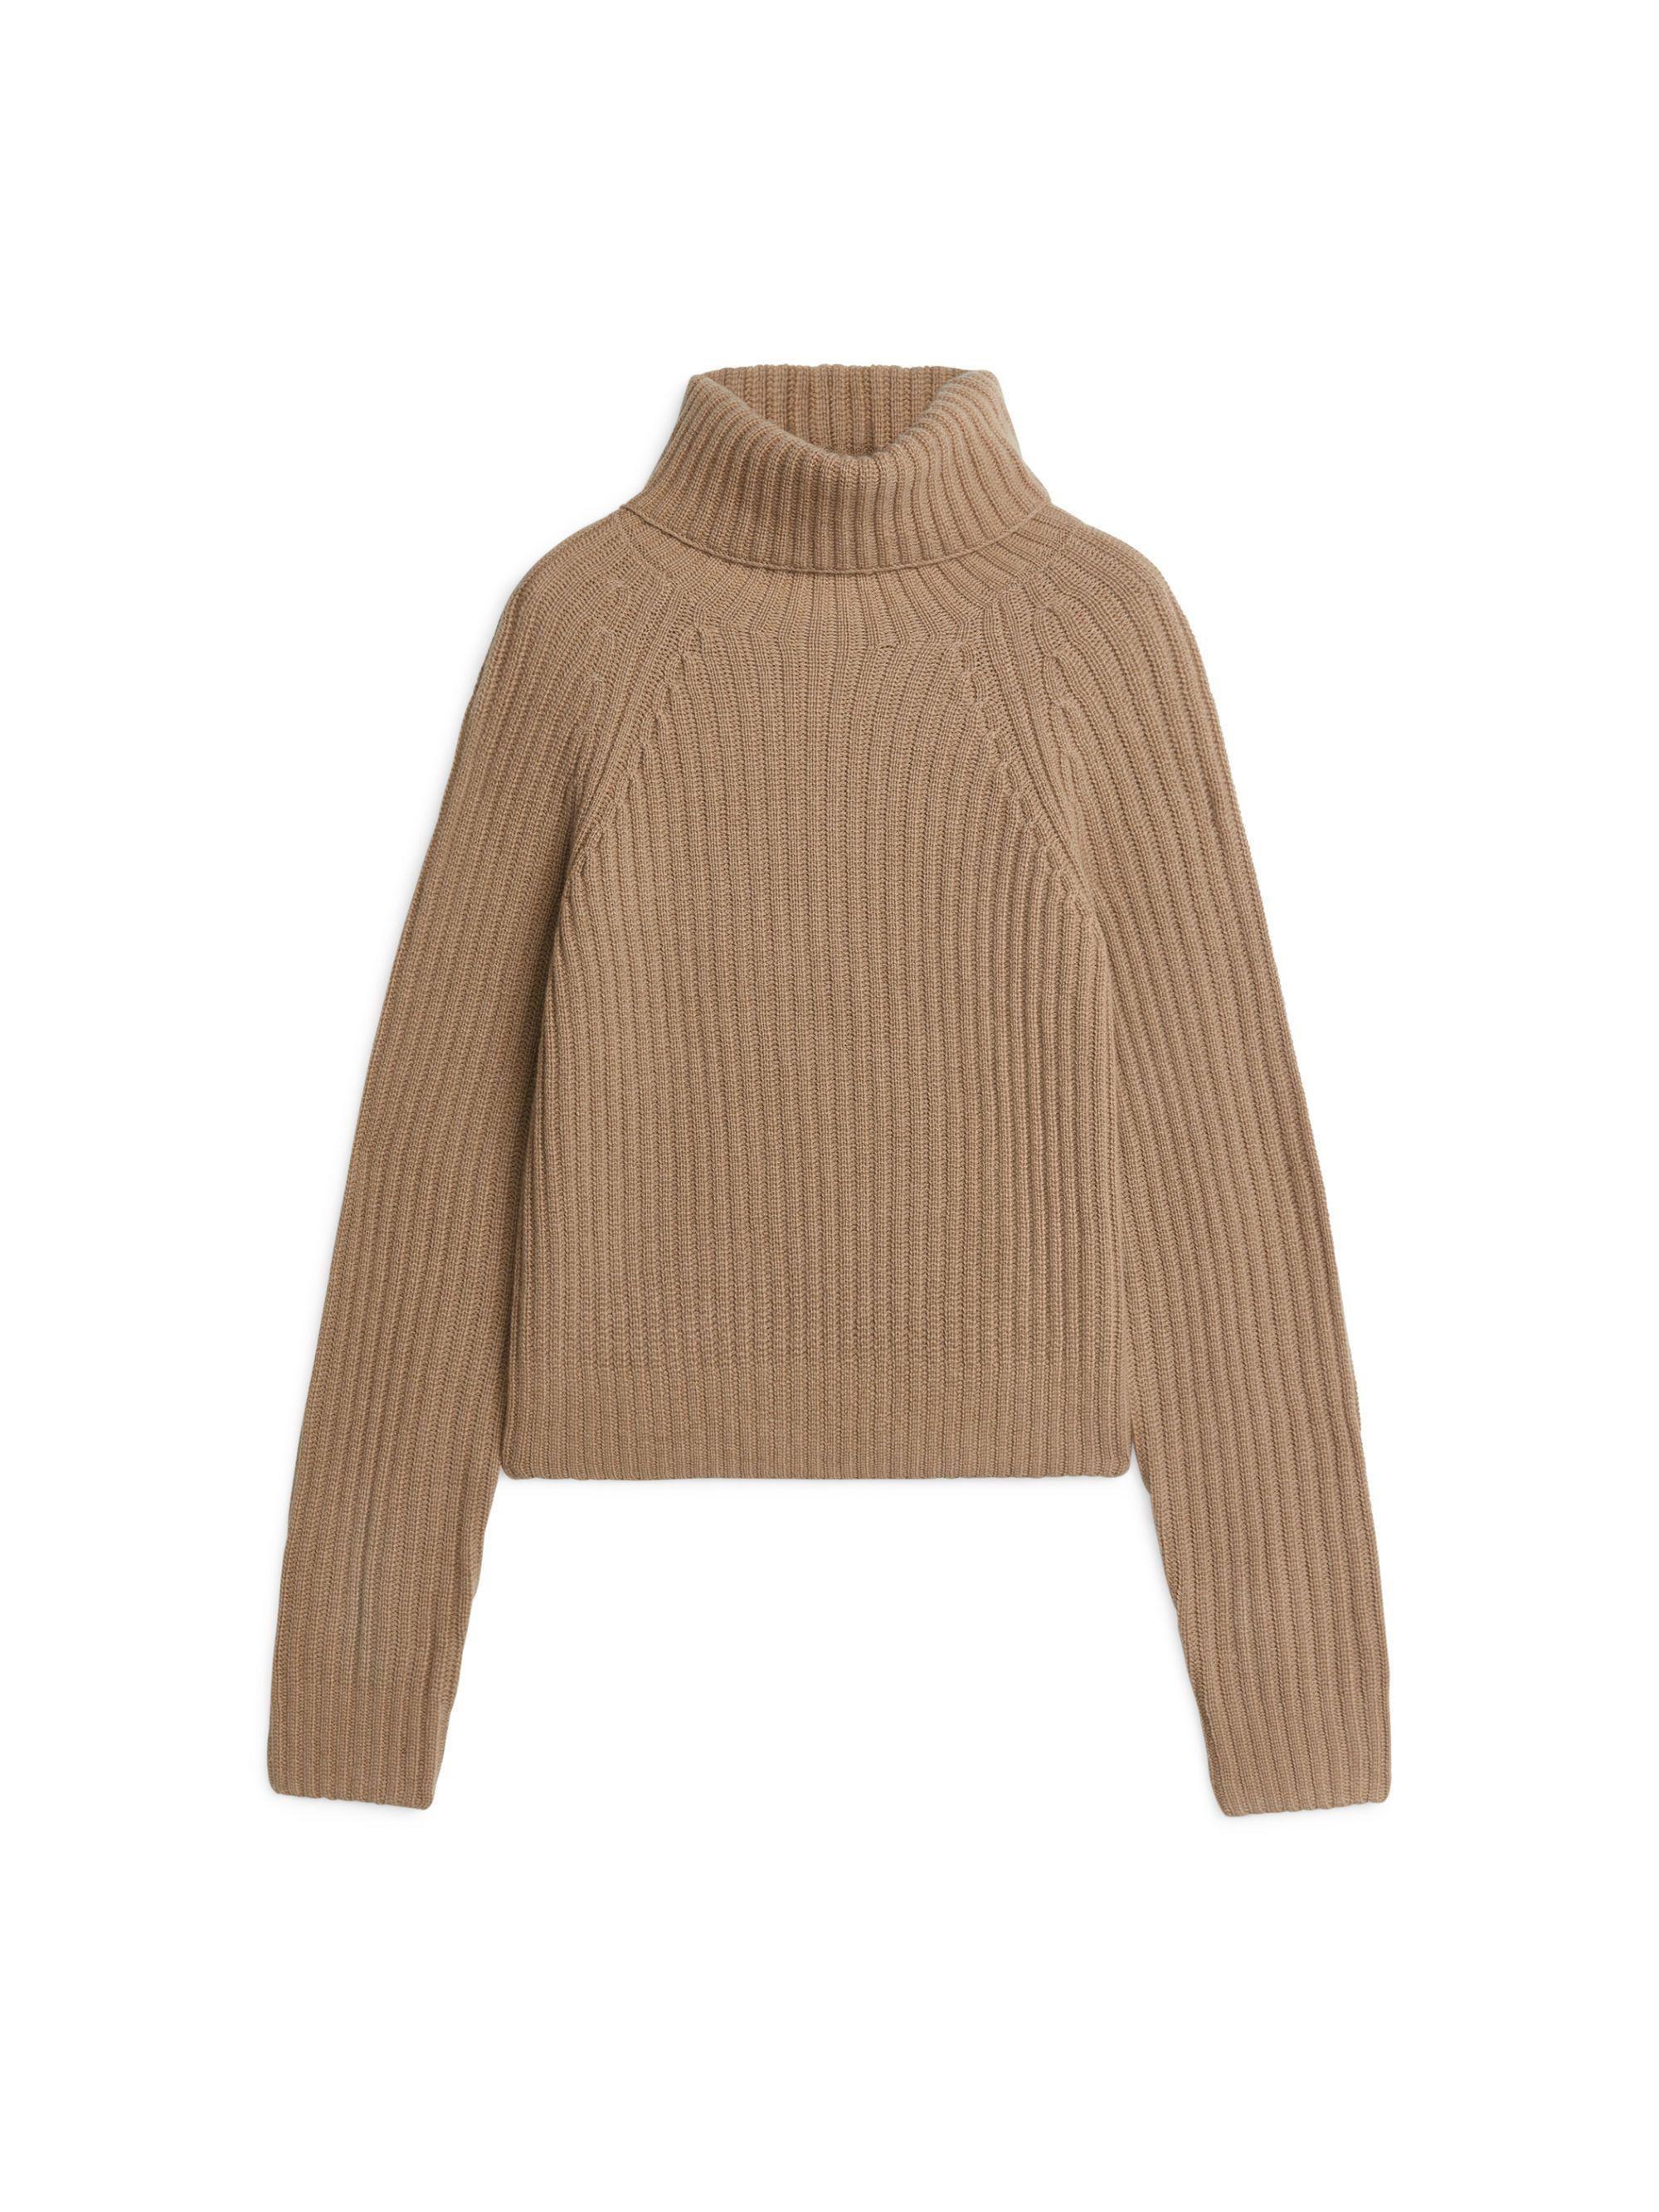 Cashmere Roll Neck Jumper  Beige  Knitwear  Arket